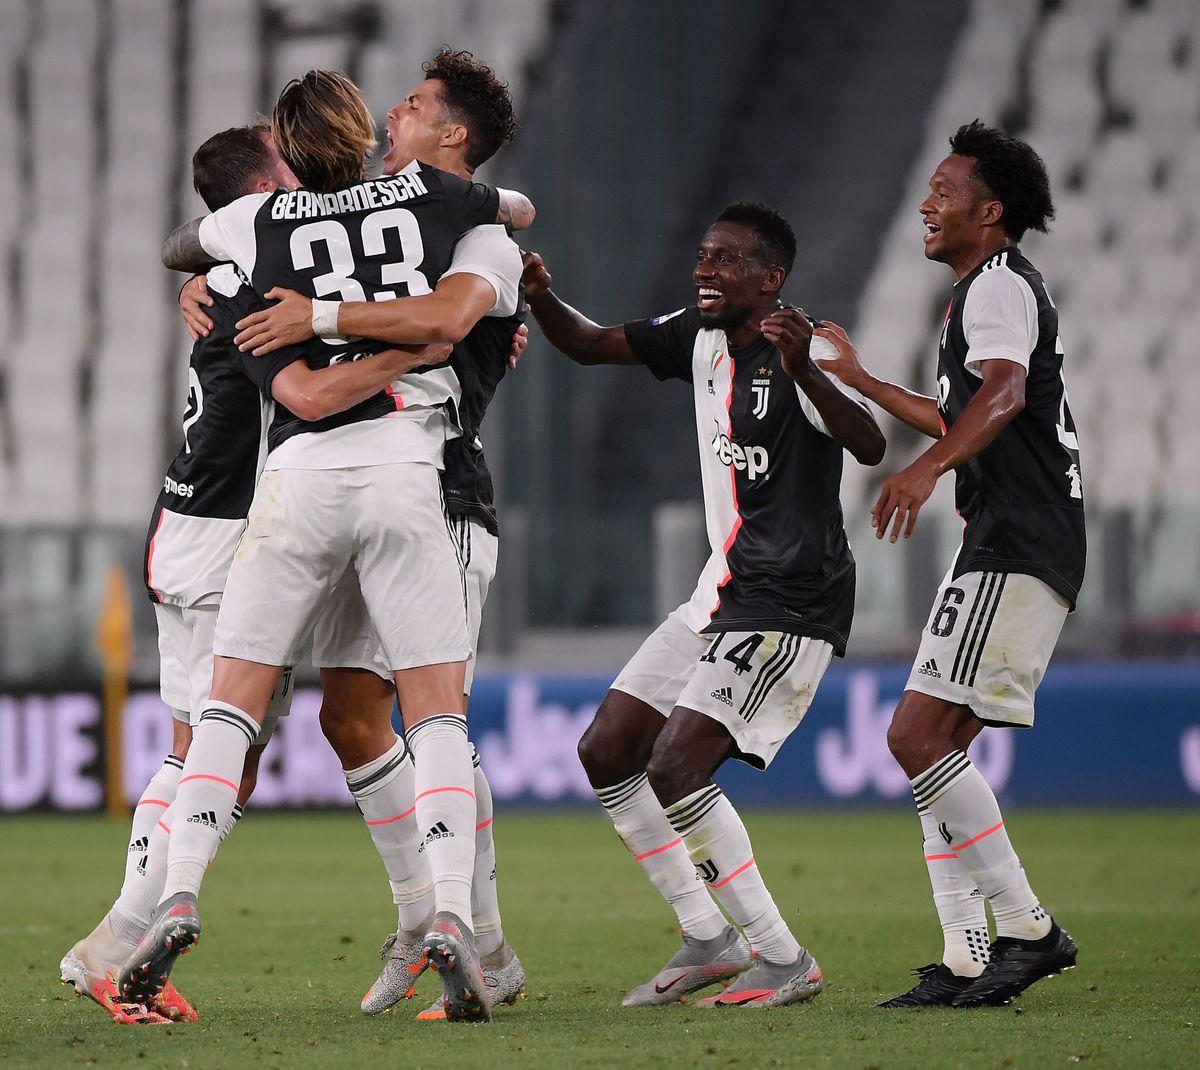 (SP)ITALY-TURIN-FOOTBALL-SERIE A-JUVENTUS VS SAMPDORIA